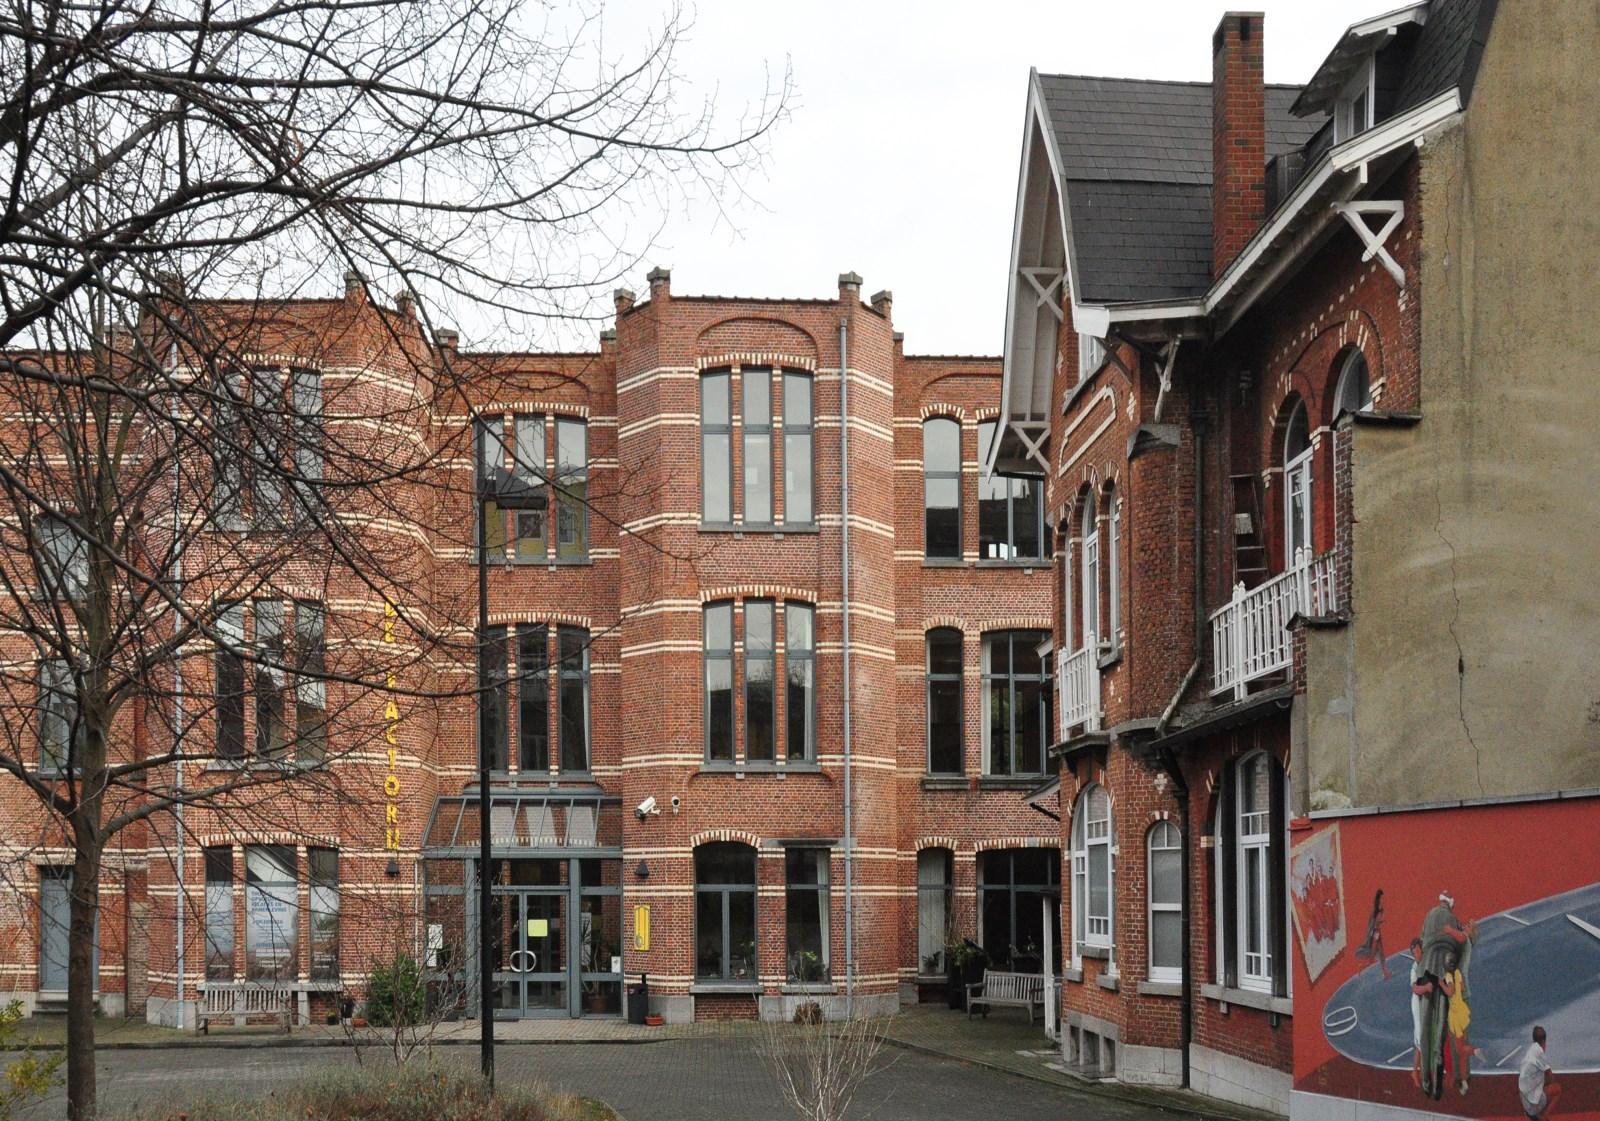 Avenue Huart Hamoir 136-138, anciennes manufacture, conciergerie et écuries vues depuis l'avenue, 2013